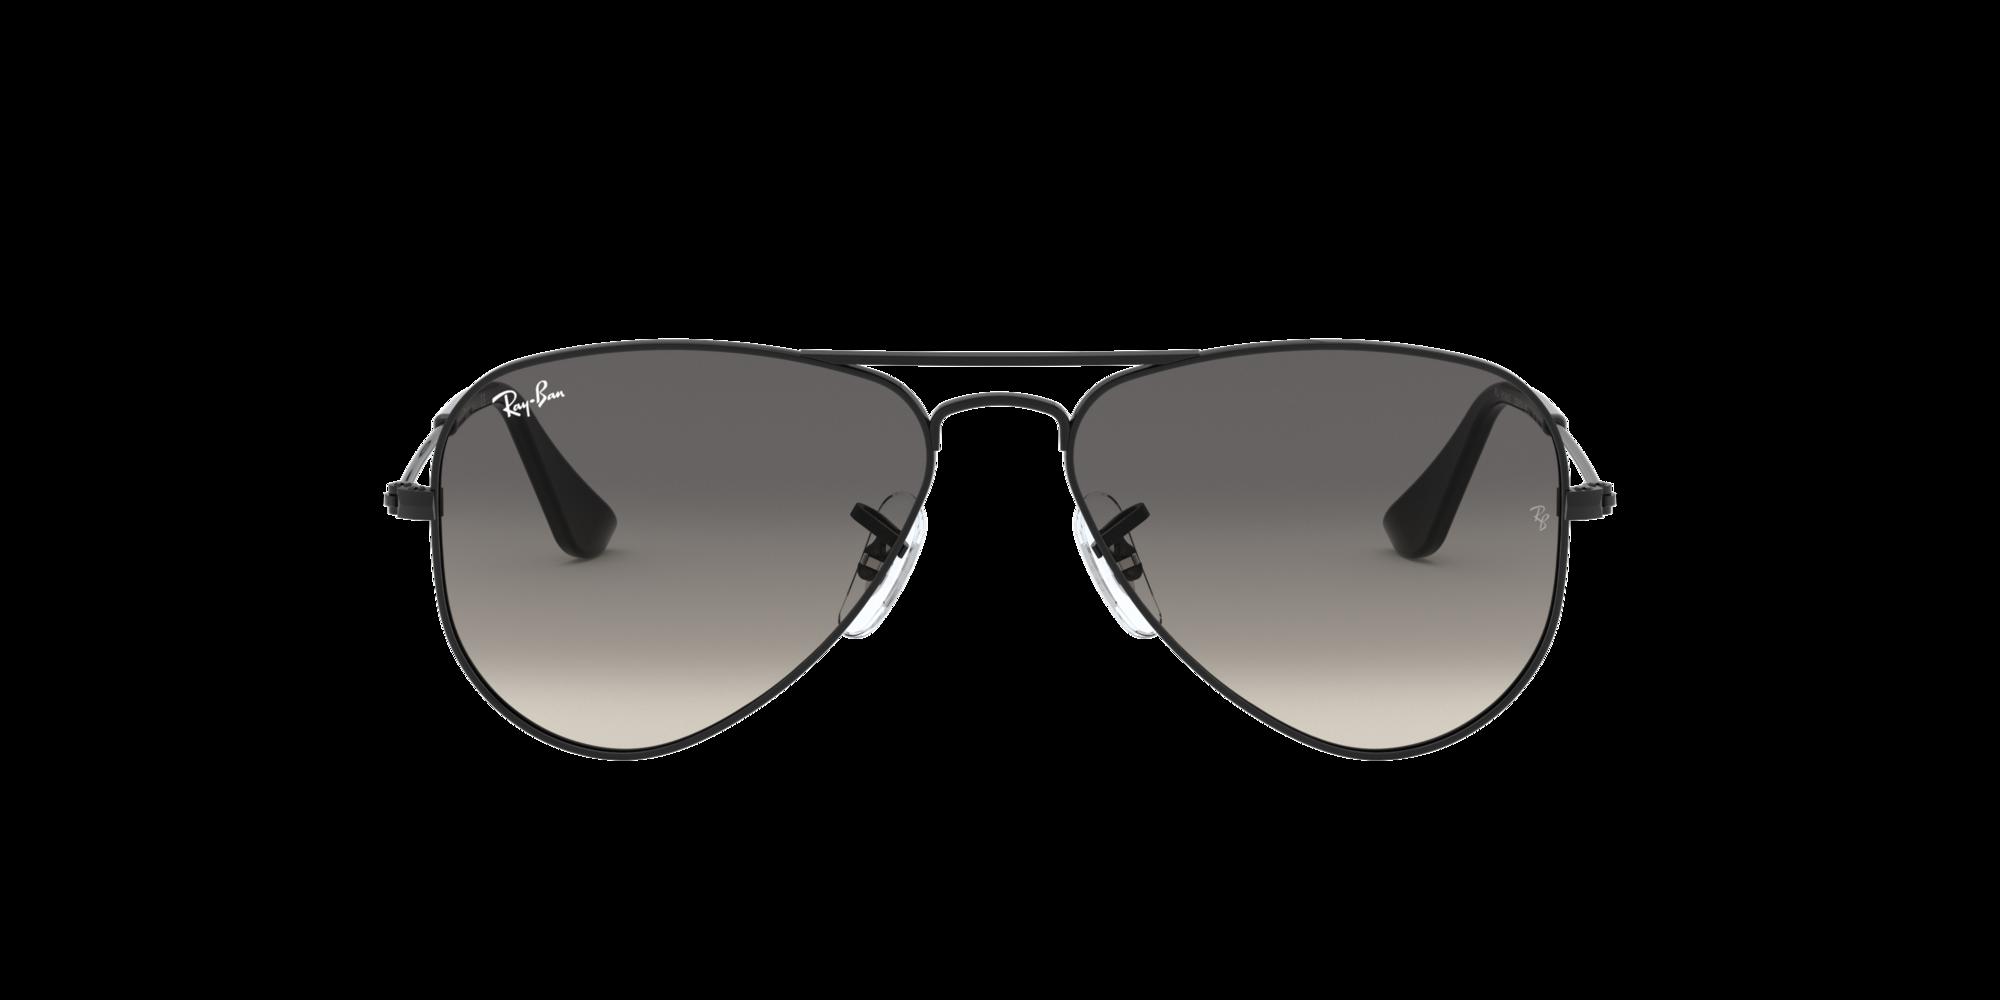 Imagen para RJ9506S 50 JUNIOR AVIATOR de LensCrafters |  Espejuelos, espejuelos graduados en línea, gafas